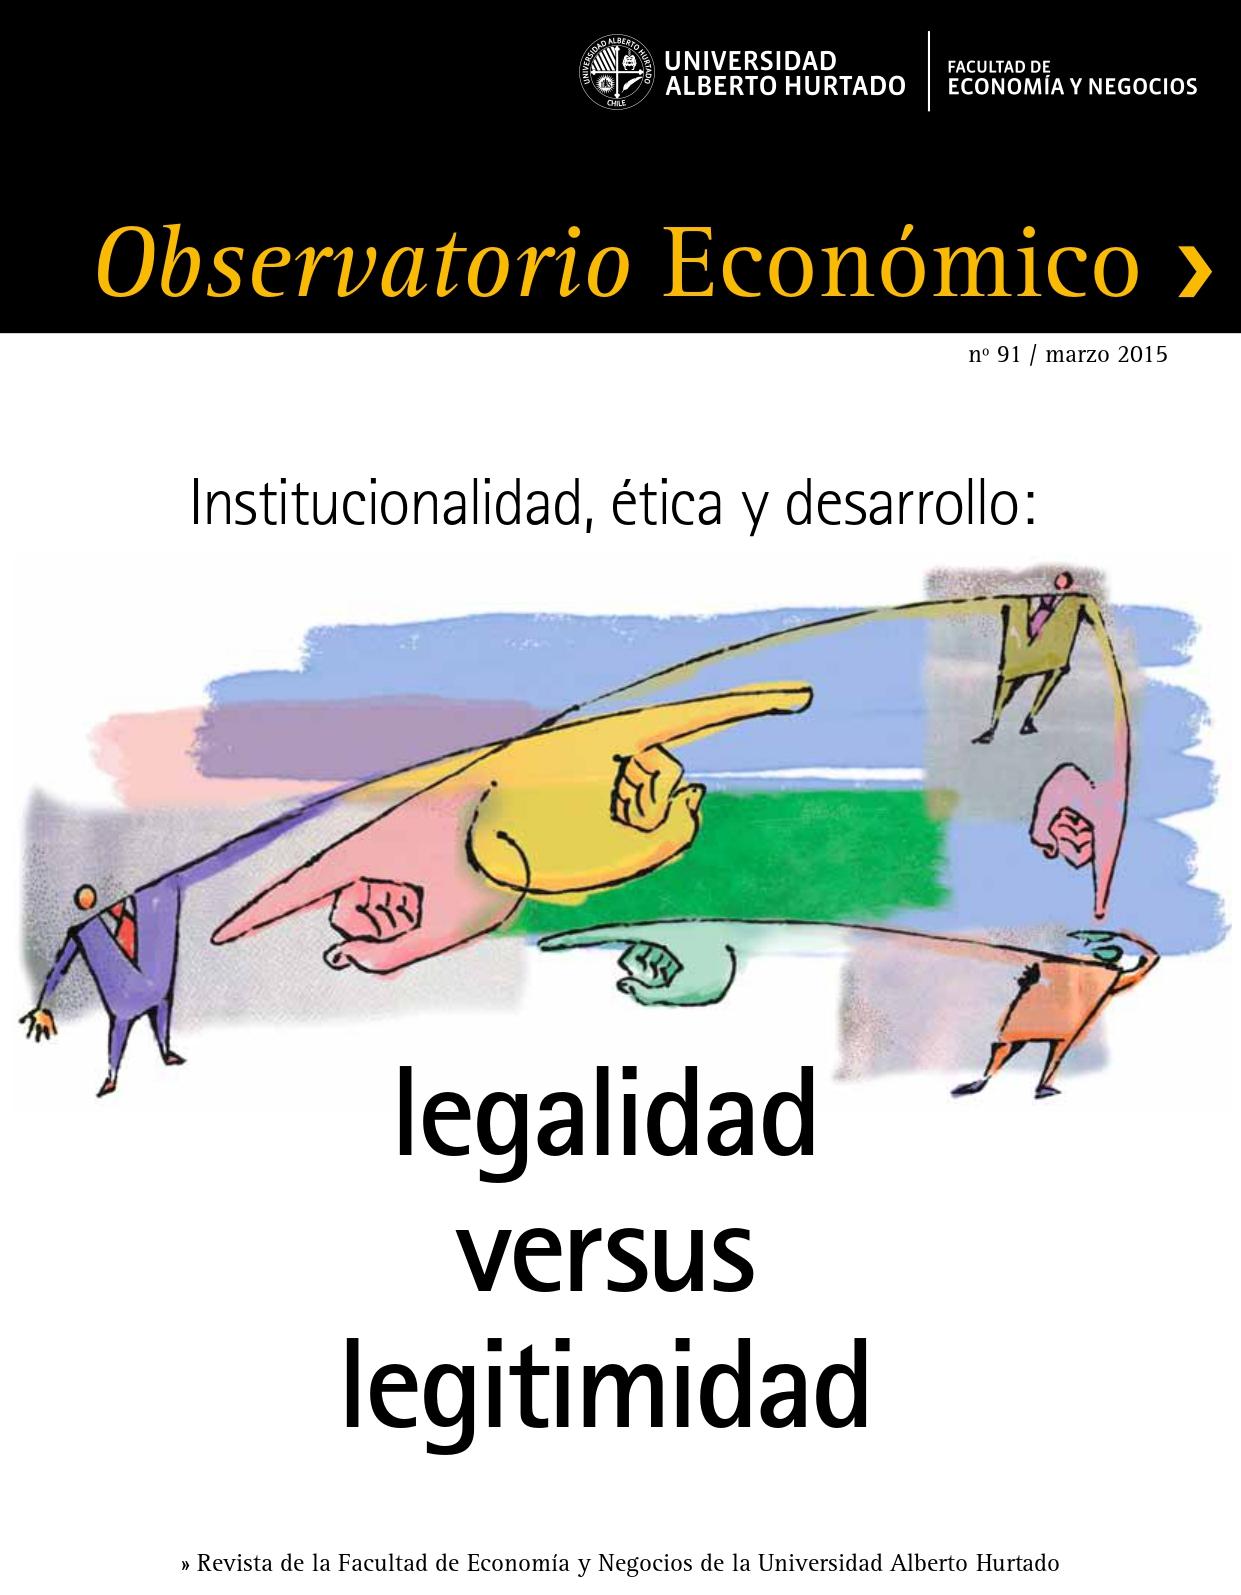 """Título del número de la revista : """"Institucionalidad, ética y desarrollo : legalidad versus legitimidad"""" """""""